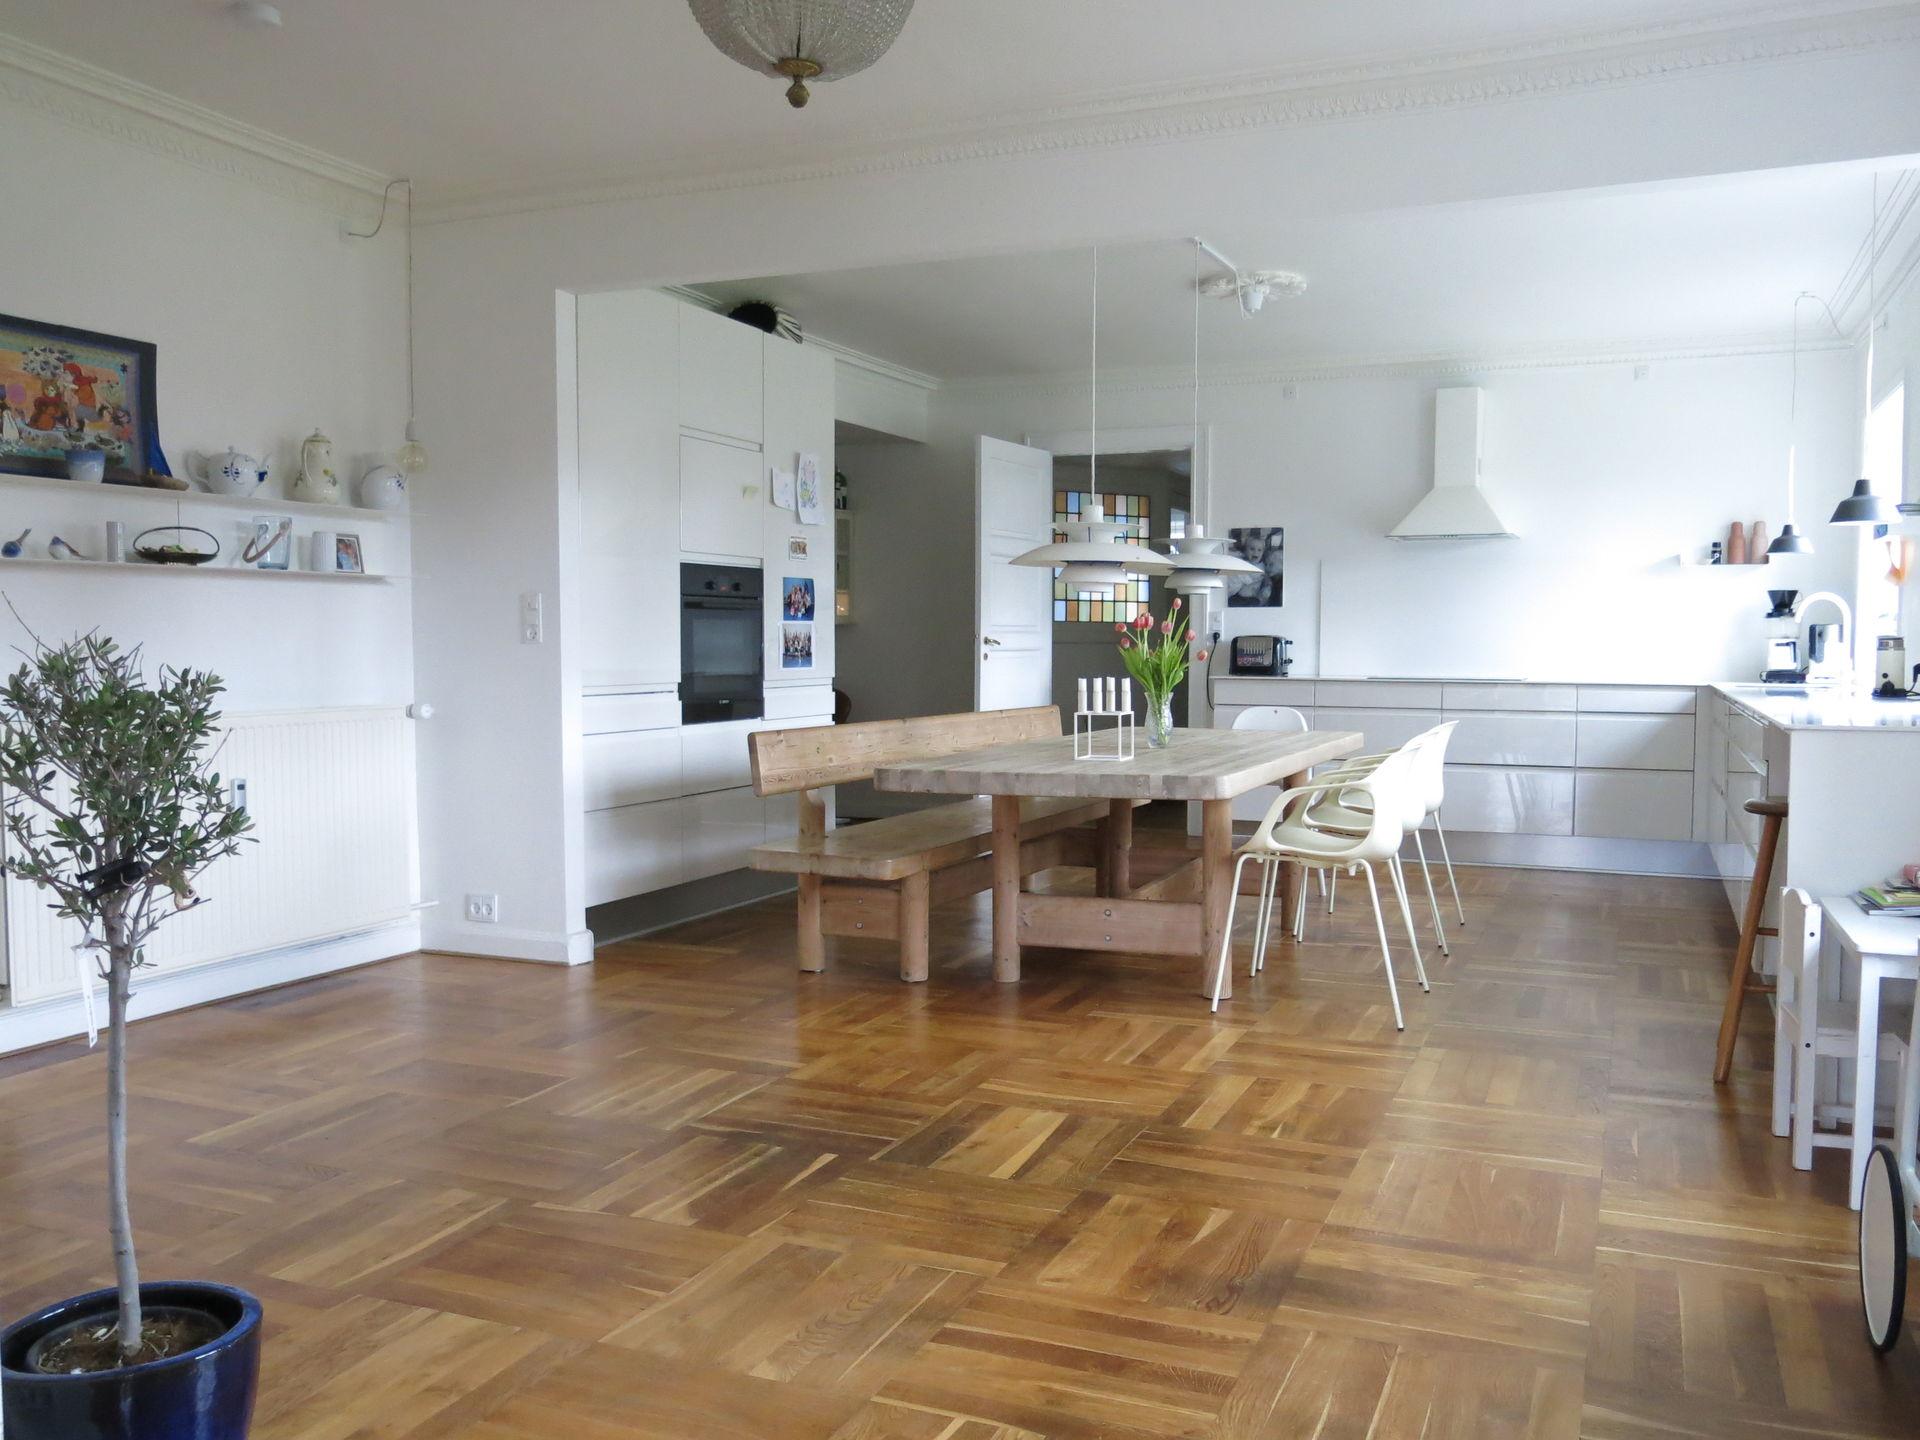 Kopenhagen Wohnung dalgas boulevard space for 6 wohnung in kopenhagen